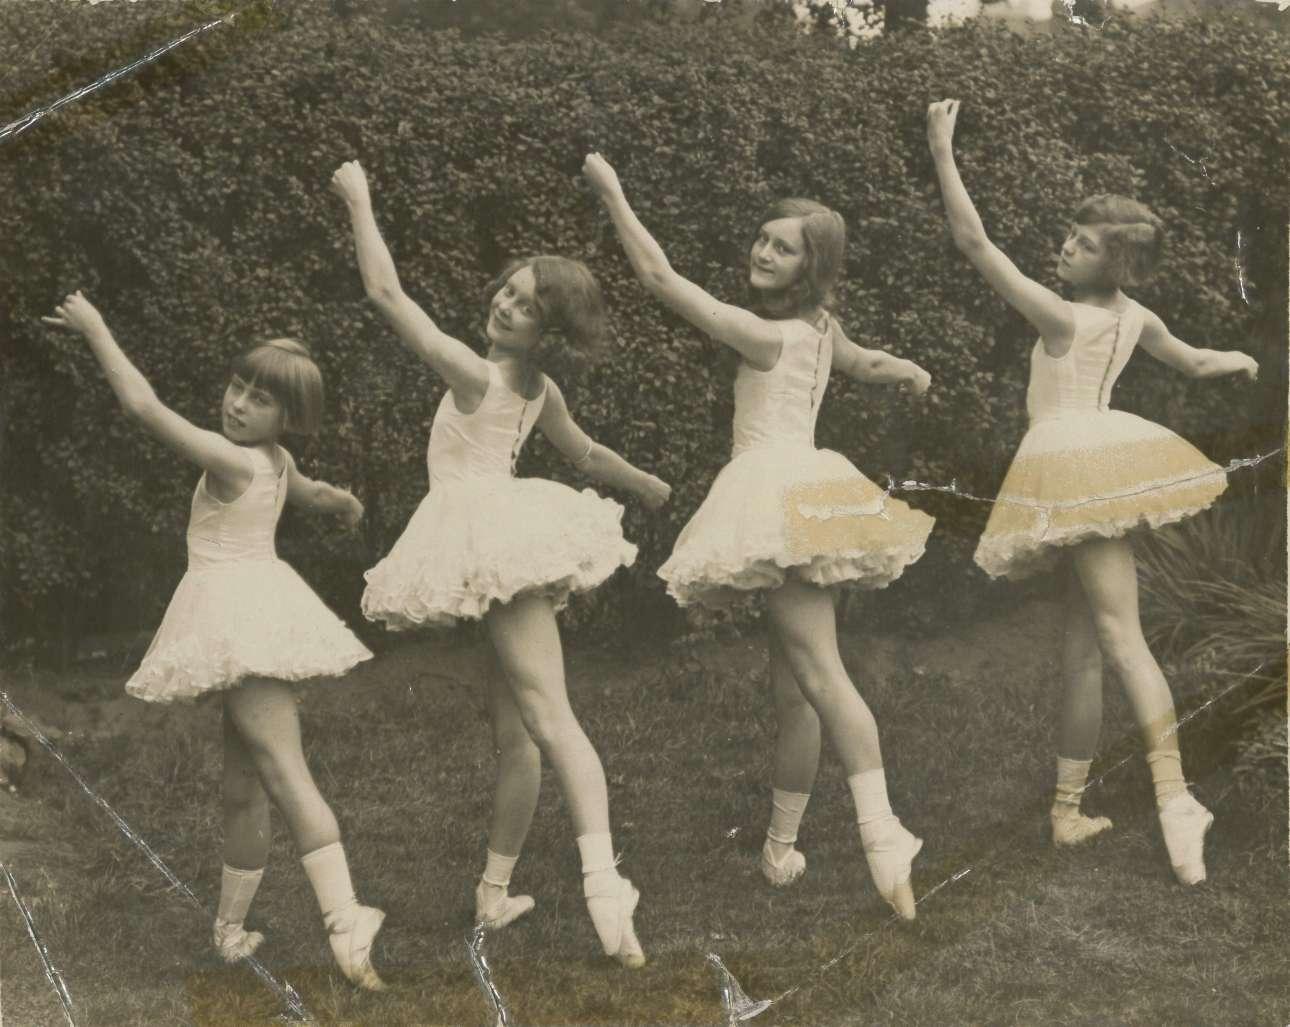 Από τις πρώτες μαθήτριες της Βασιλικής Ακαδημίας Χορού της Βρετανίας, το 1926